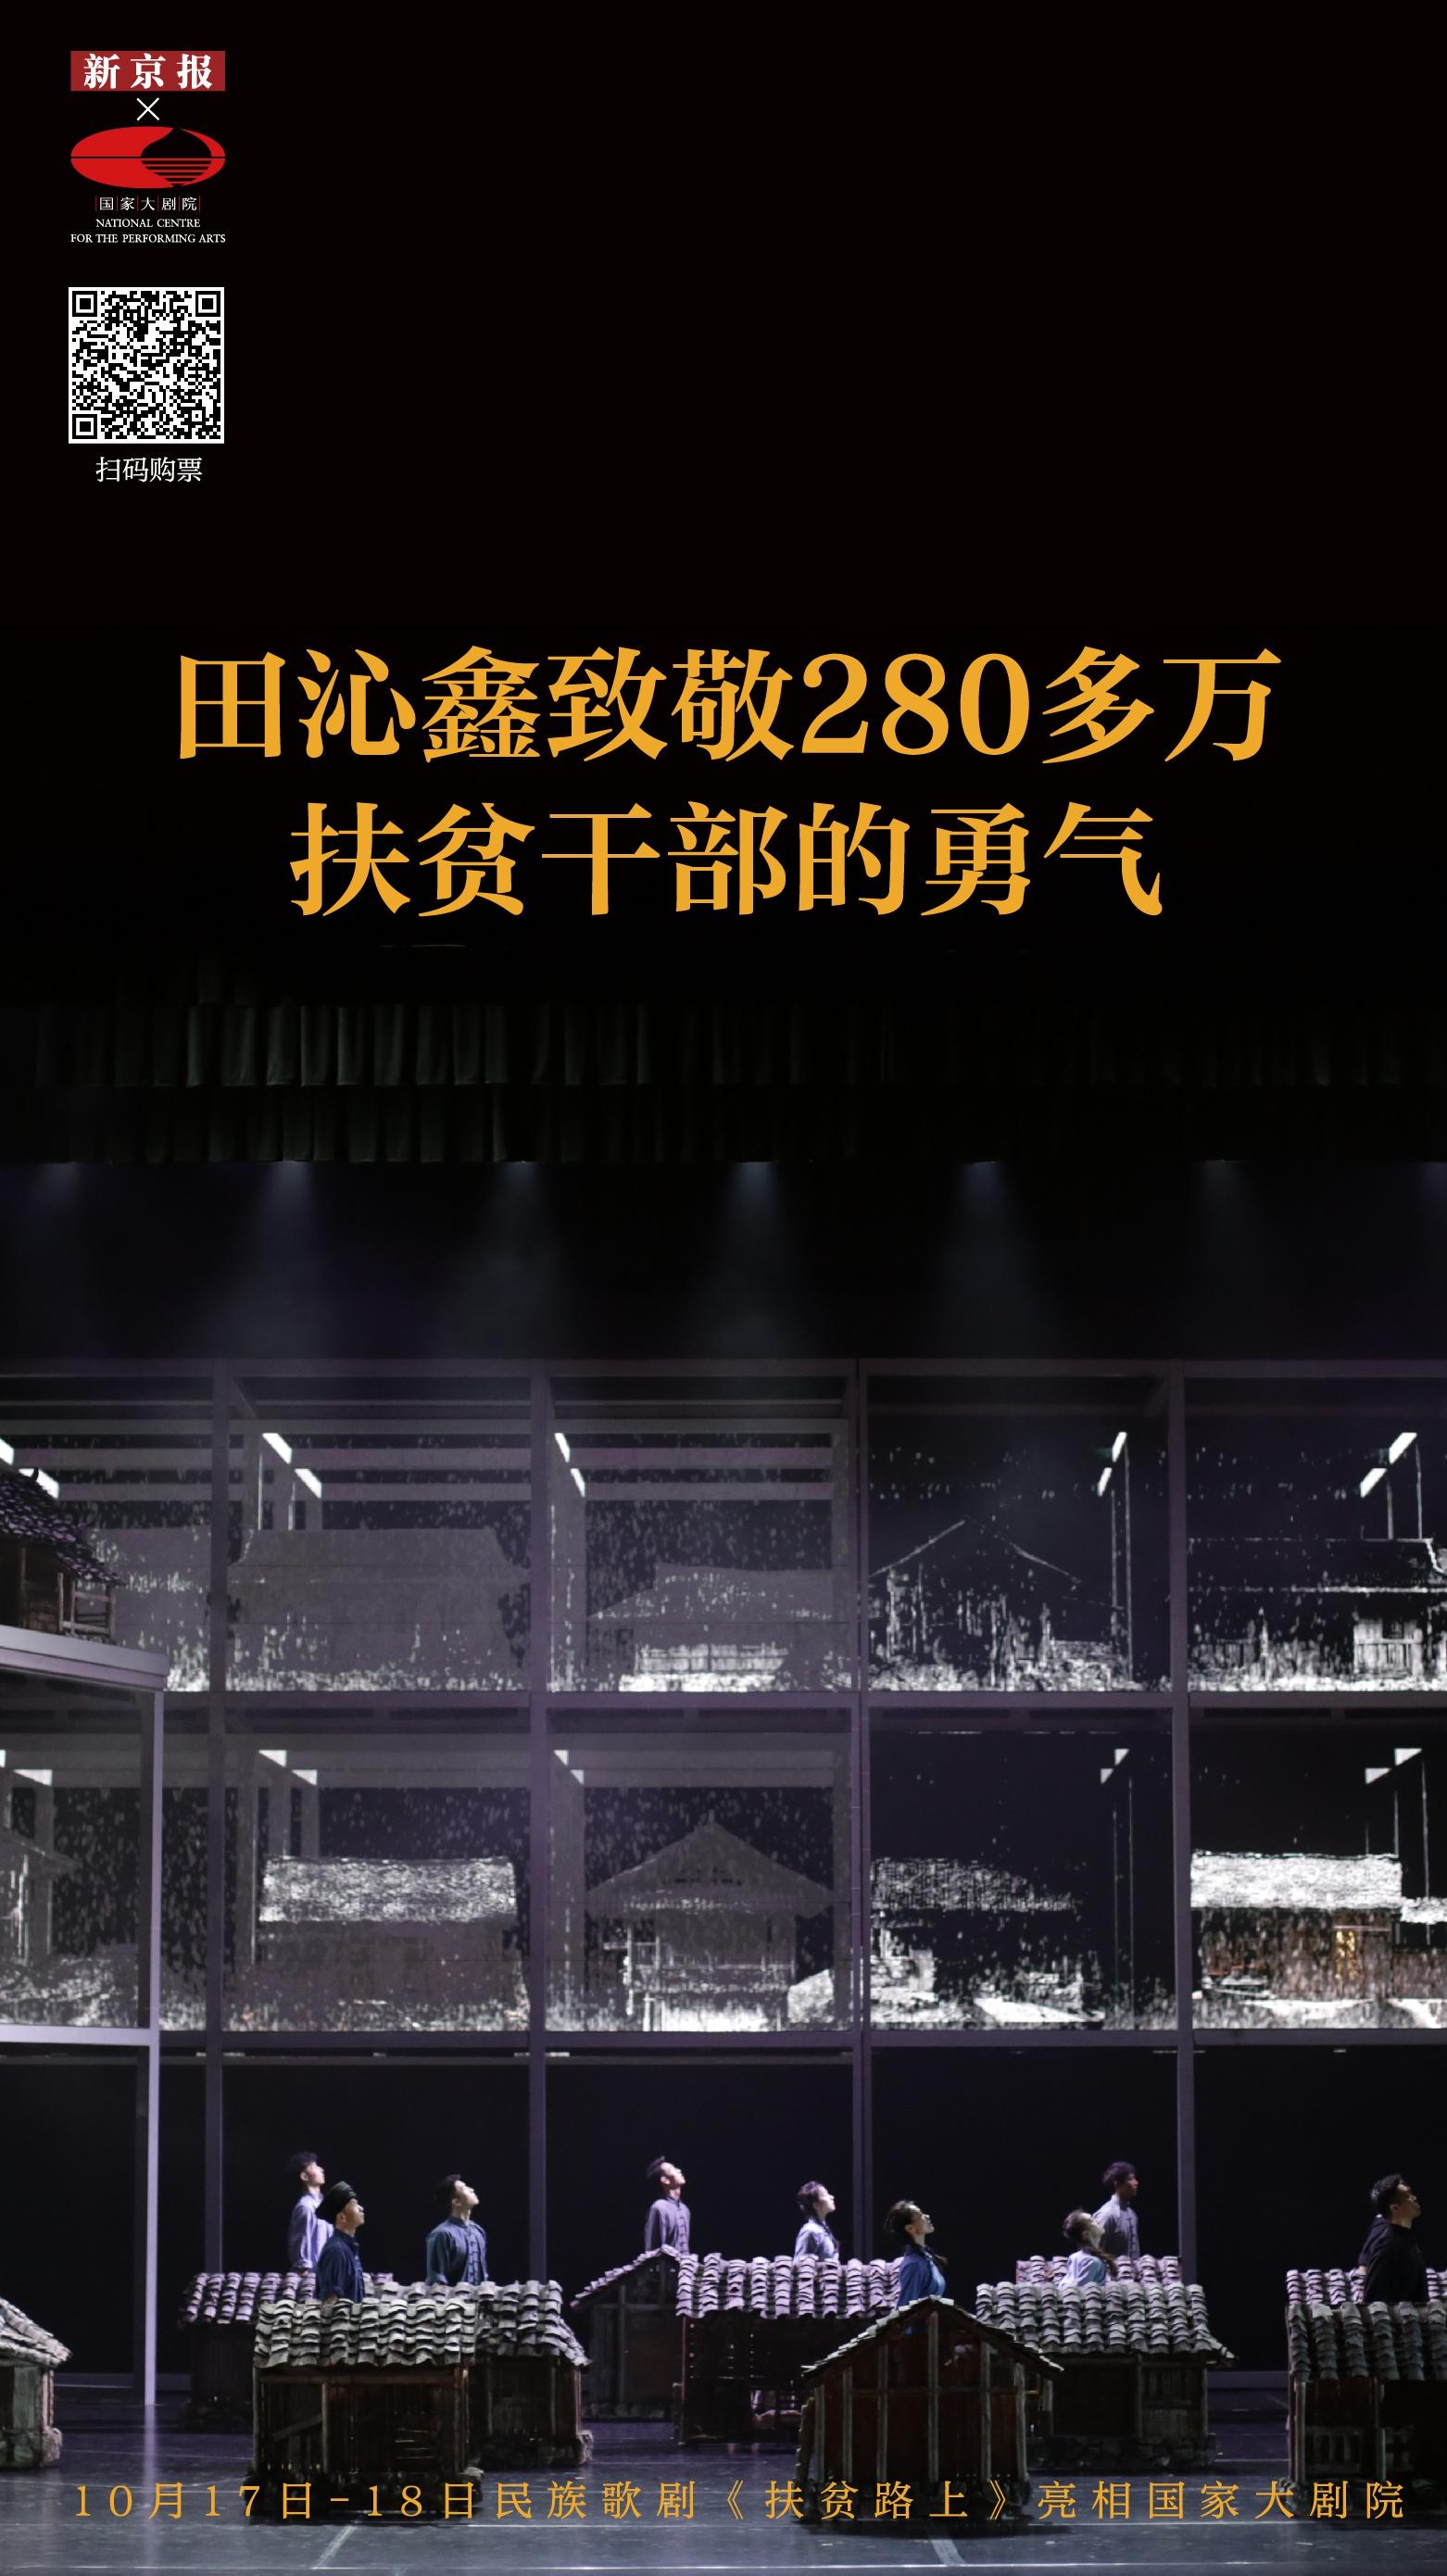 田沁鑫用这部剧致敬280多万扶贫干部|新京报×国家大剧院图片